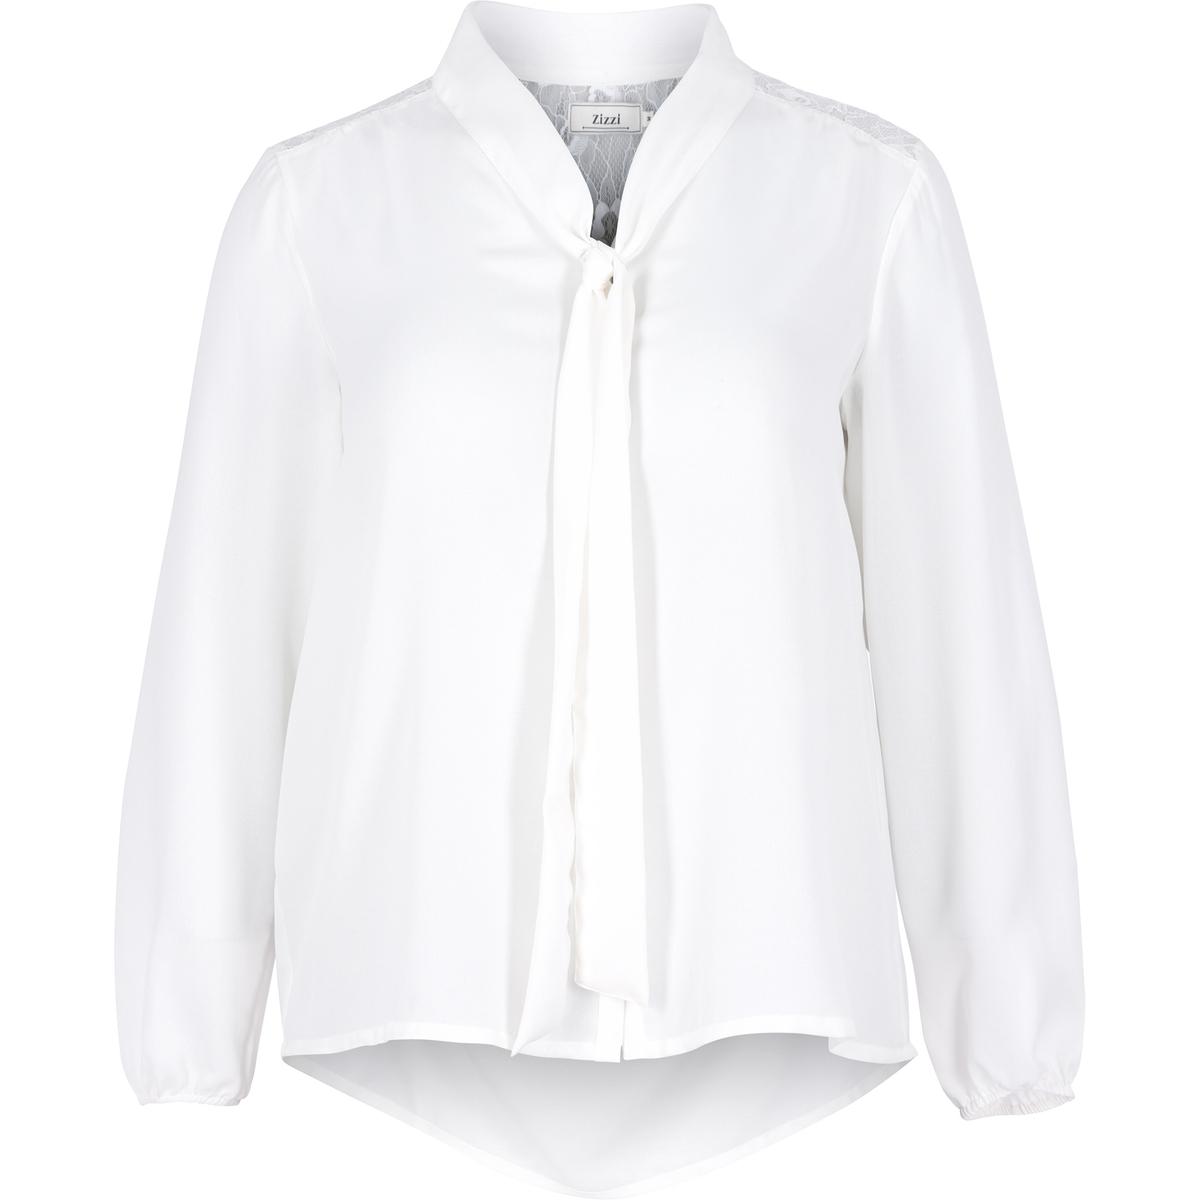 БлузкаБлузка с длинными рукавами ZIZZI. 100% полиэстер.Симпатичная блузка с длинными рукавами и с воротником-лавальер . Верх спинки из красивого кружева . Небольшие пуговицы спереди. Слегка присборенные рукава  .<br><br>Цвет: белый,черный<br>Размер: 42/44 (FR) - 48/50 (RUS)